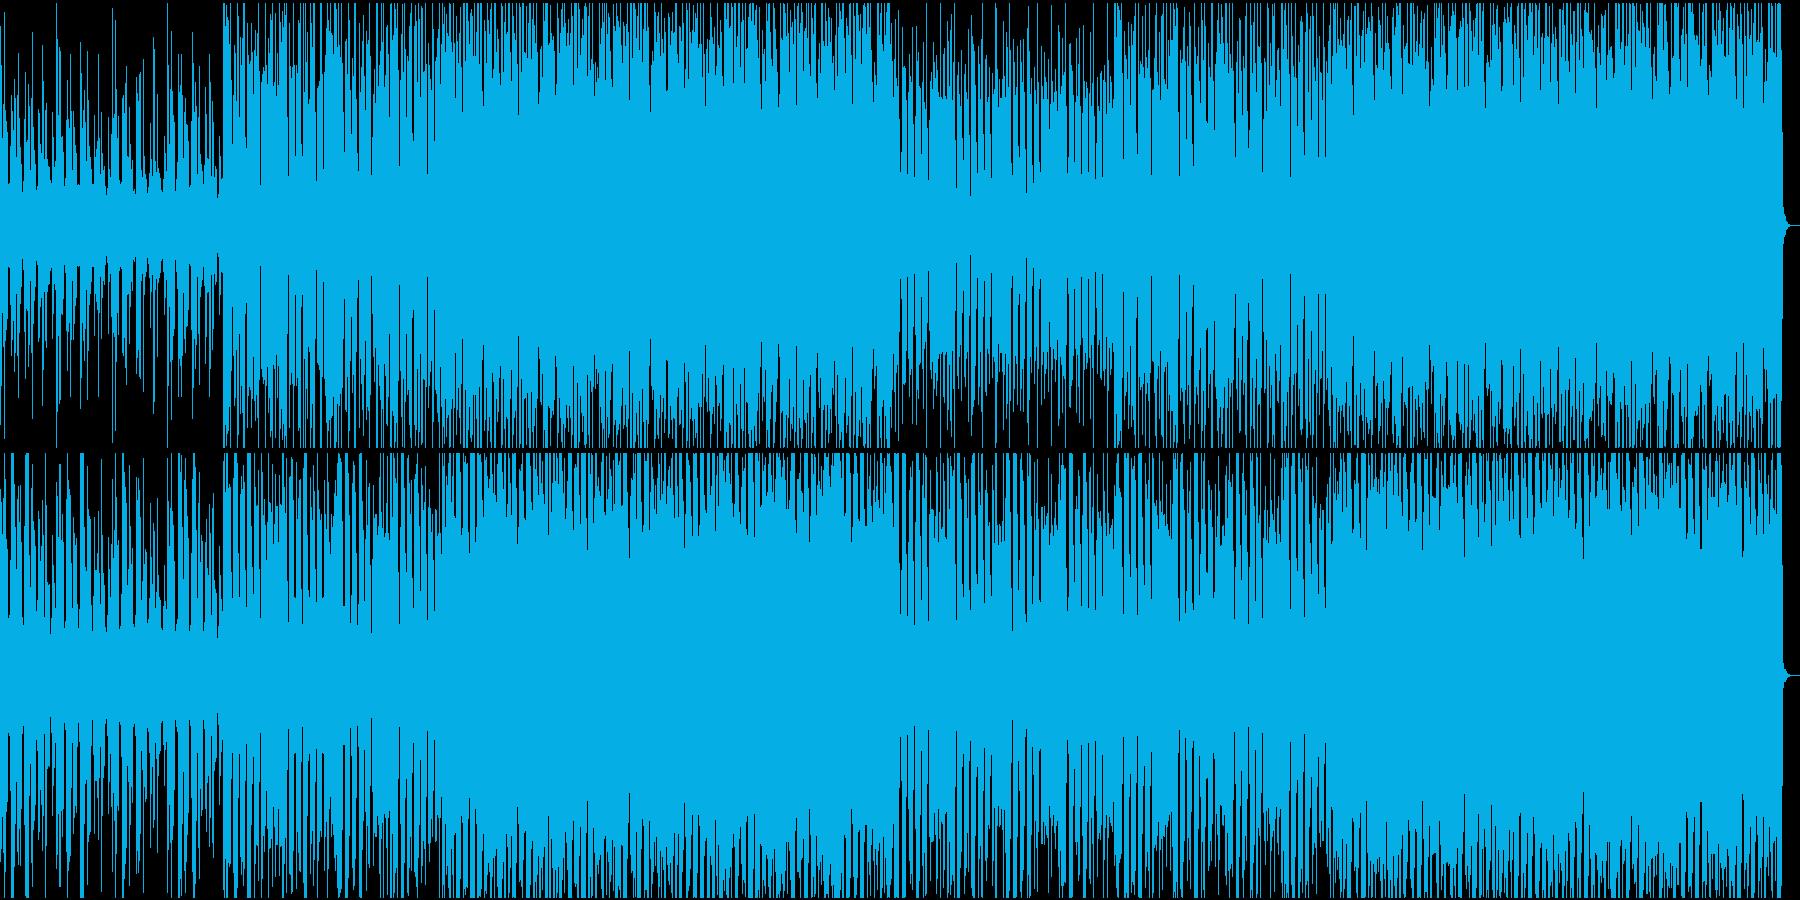 クラシックスタイルのディスコの再生済みの波形